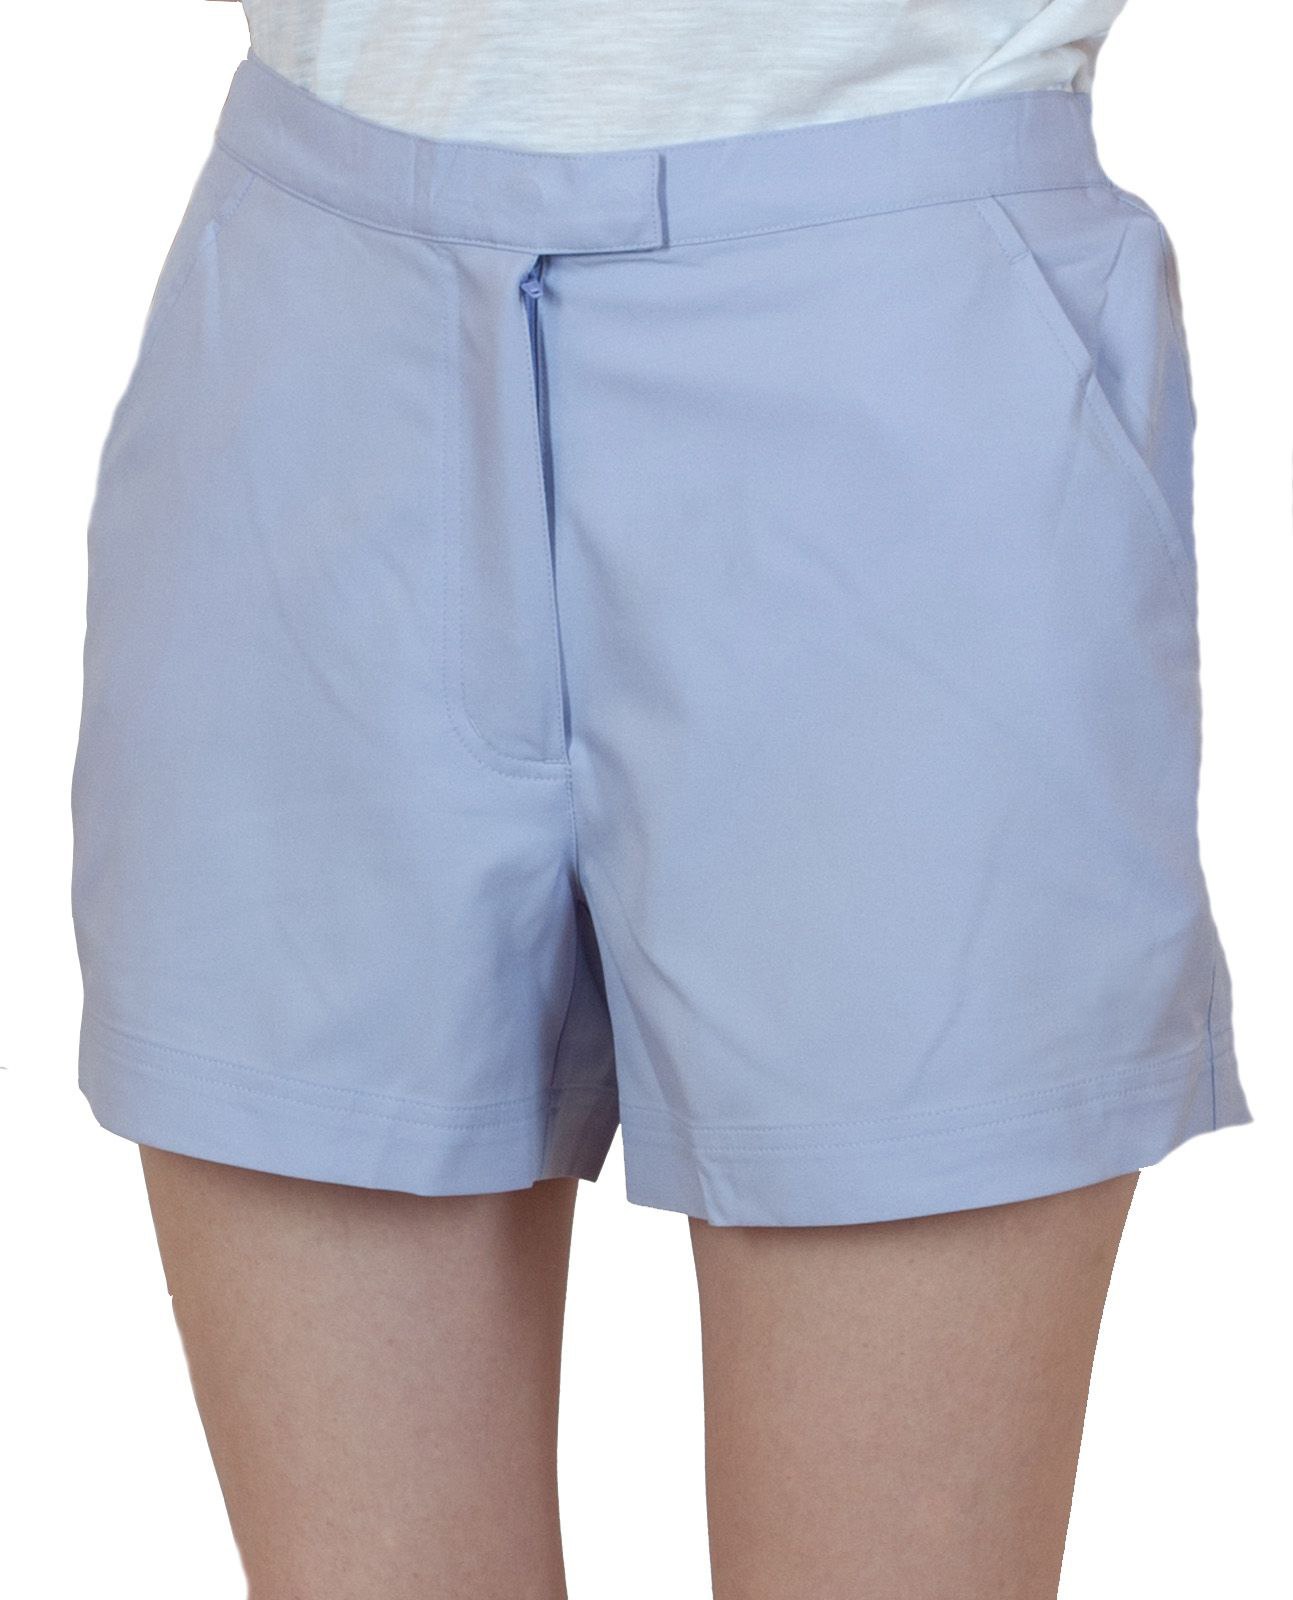 Женские шортики светло-голубого цвета